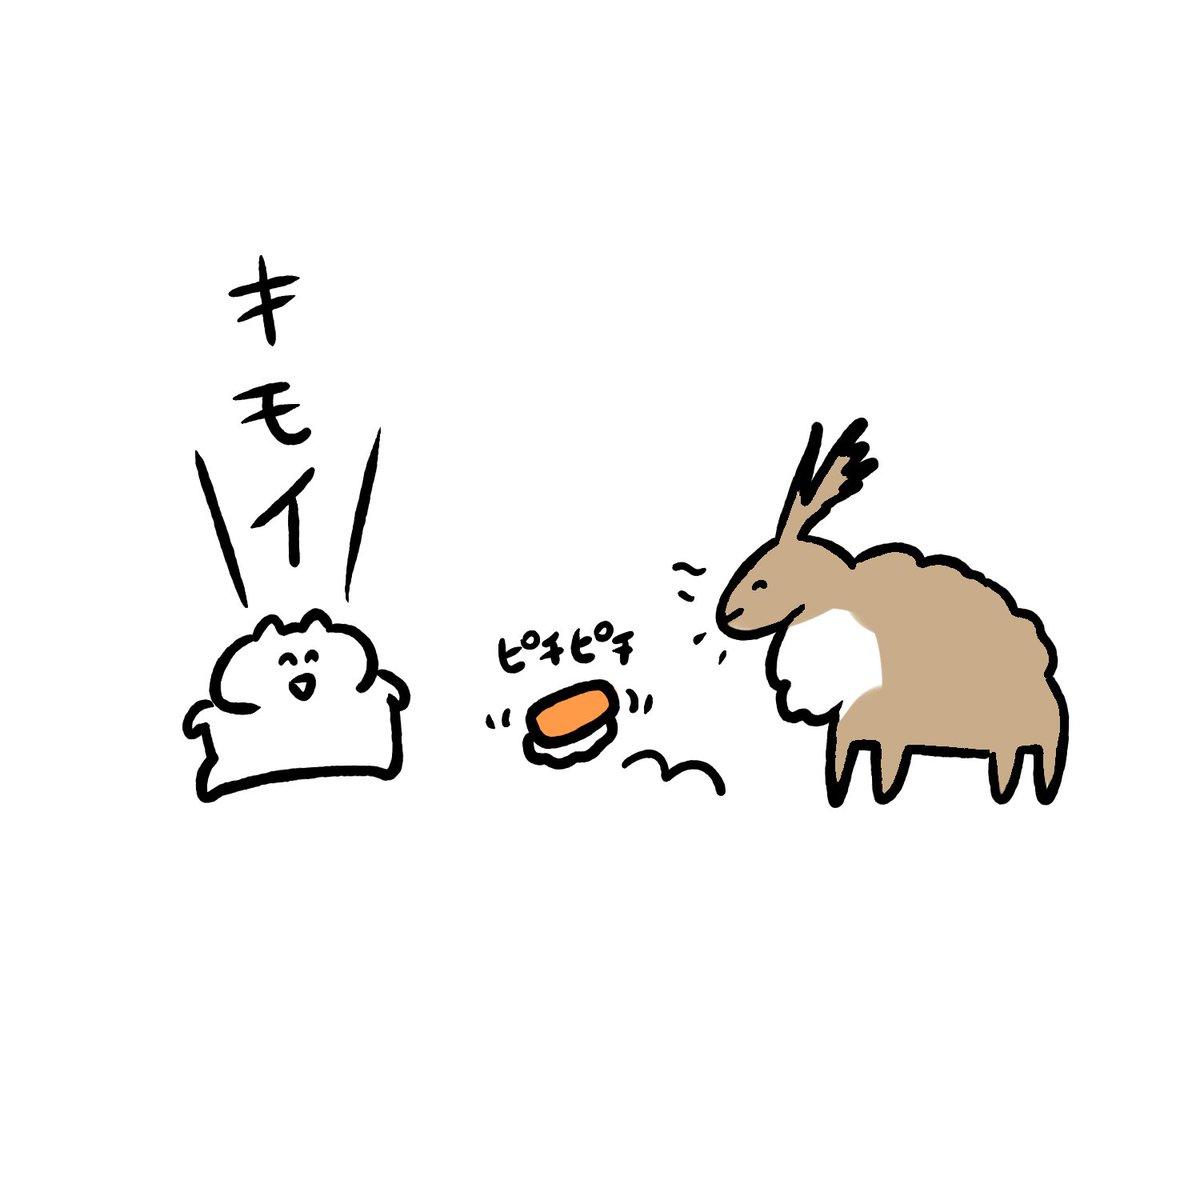 寿司に命を与えるシシ神 #もののけ姫